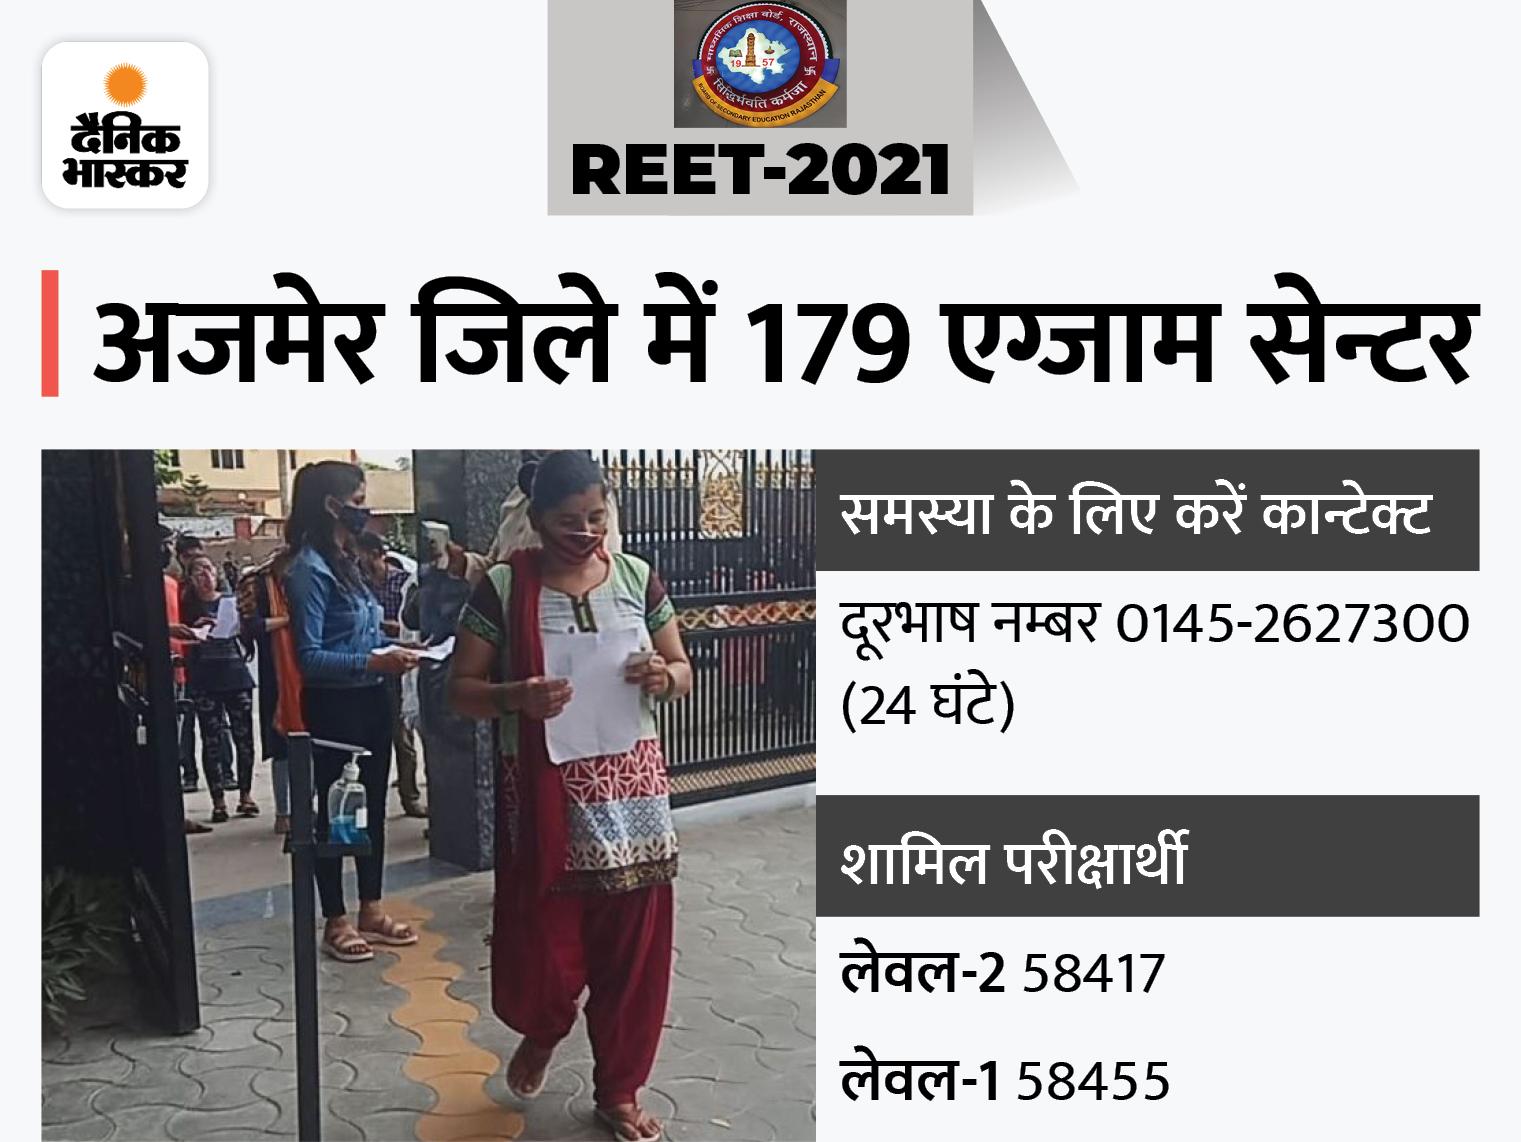 179 परीक्षा केन्द्रों पर कल परीक्षा, नेट बंद रहेगा ; परीक्षार्थियों का आना शुरू, ठहरने, खाने-पीने, आने-जाने और सुरक्षा के किए इंतजाम|REET 2021,REET 2021 - Dainik Bhaskar